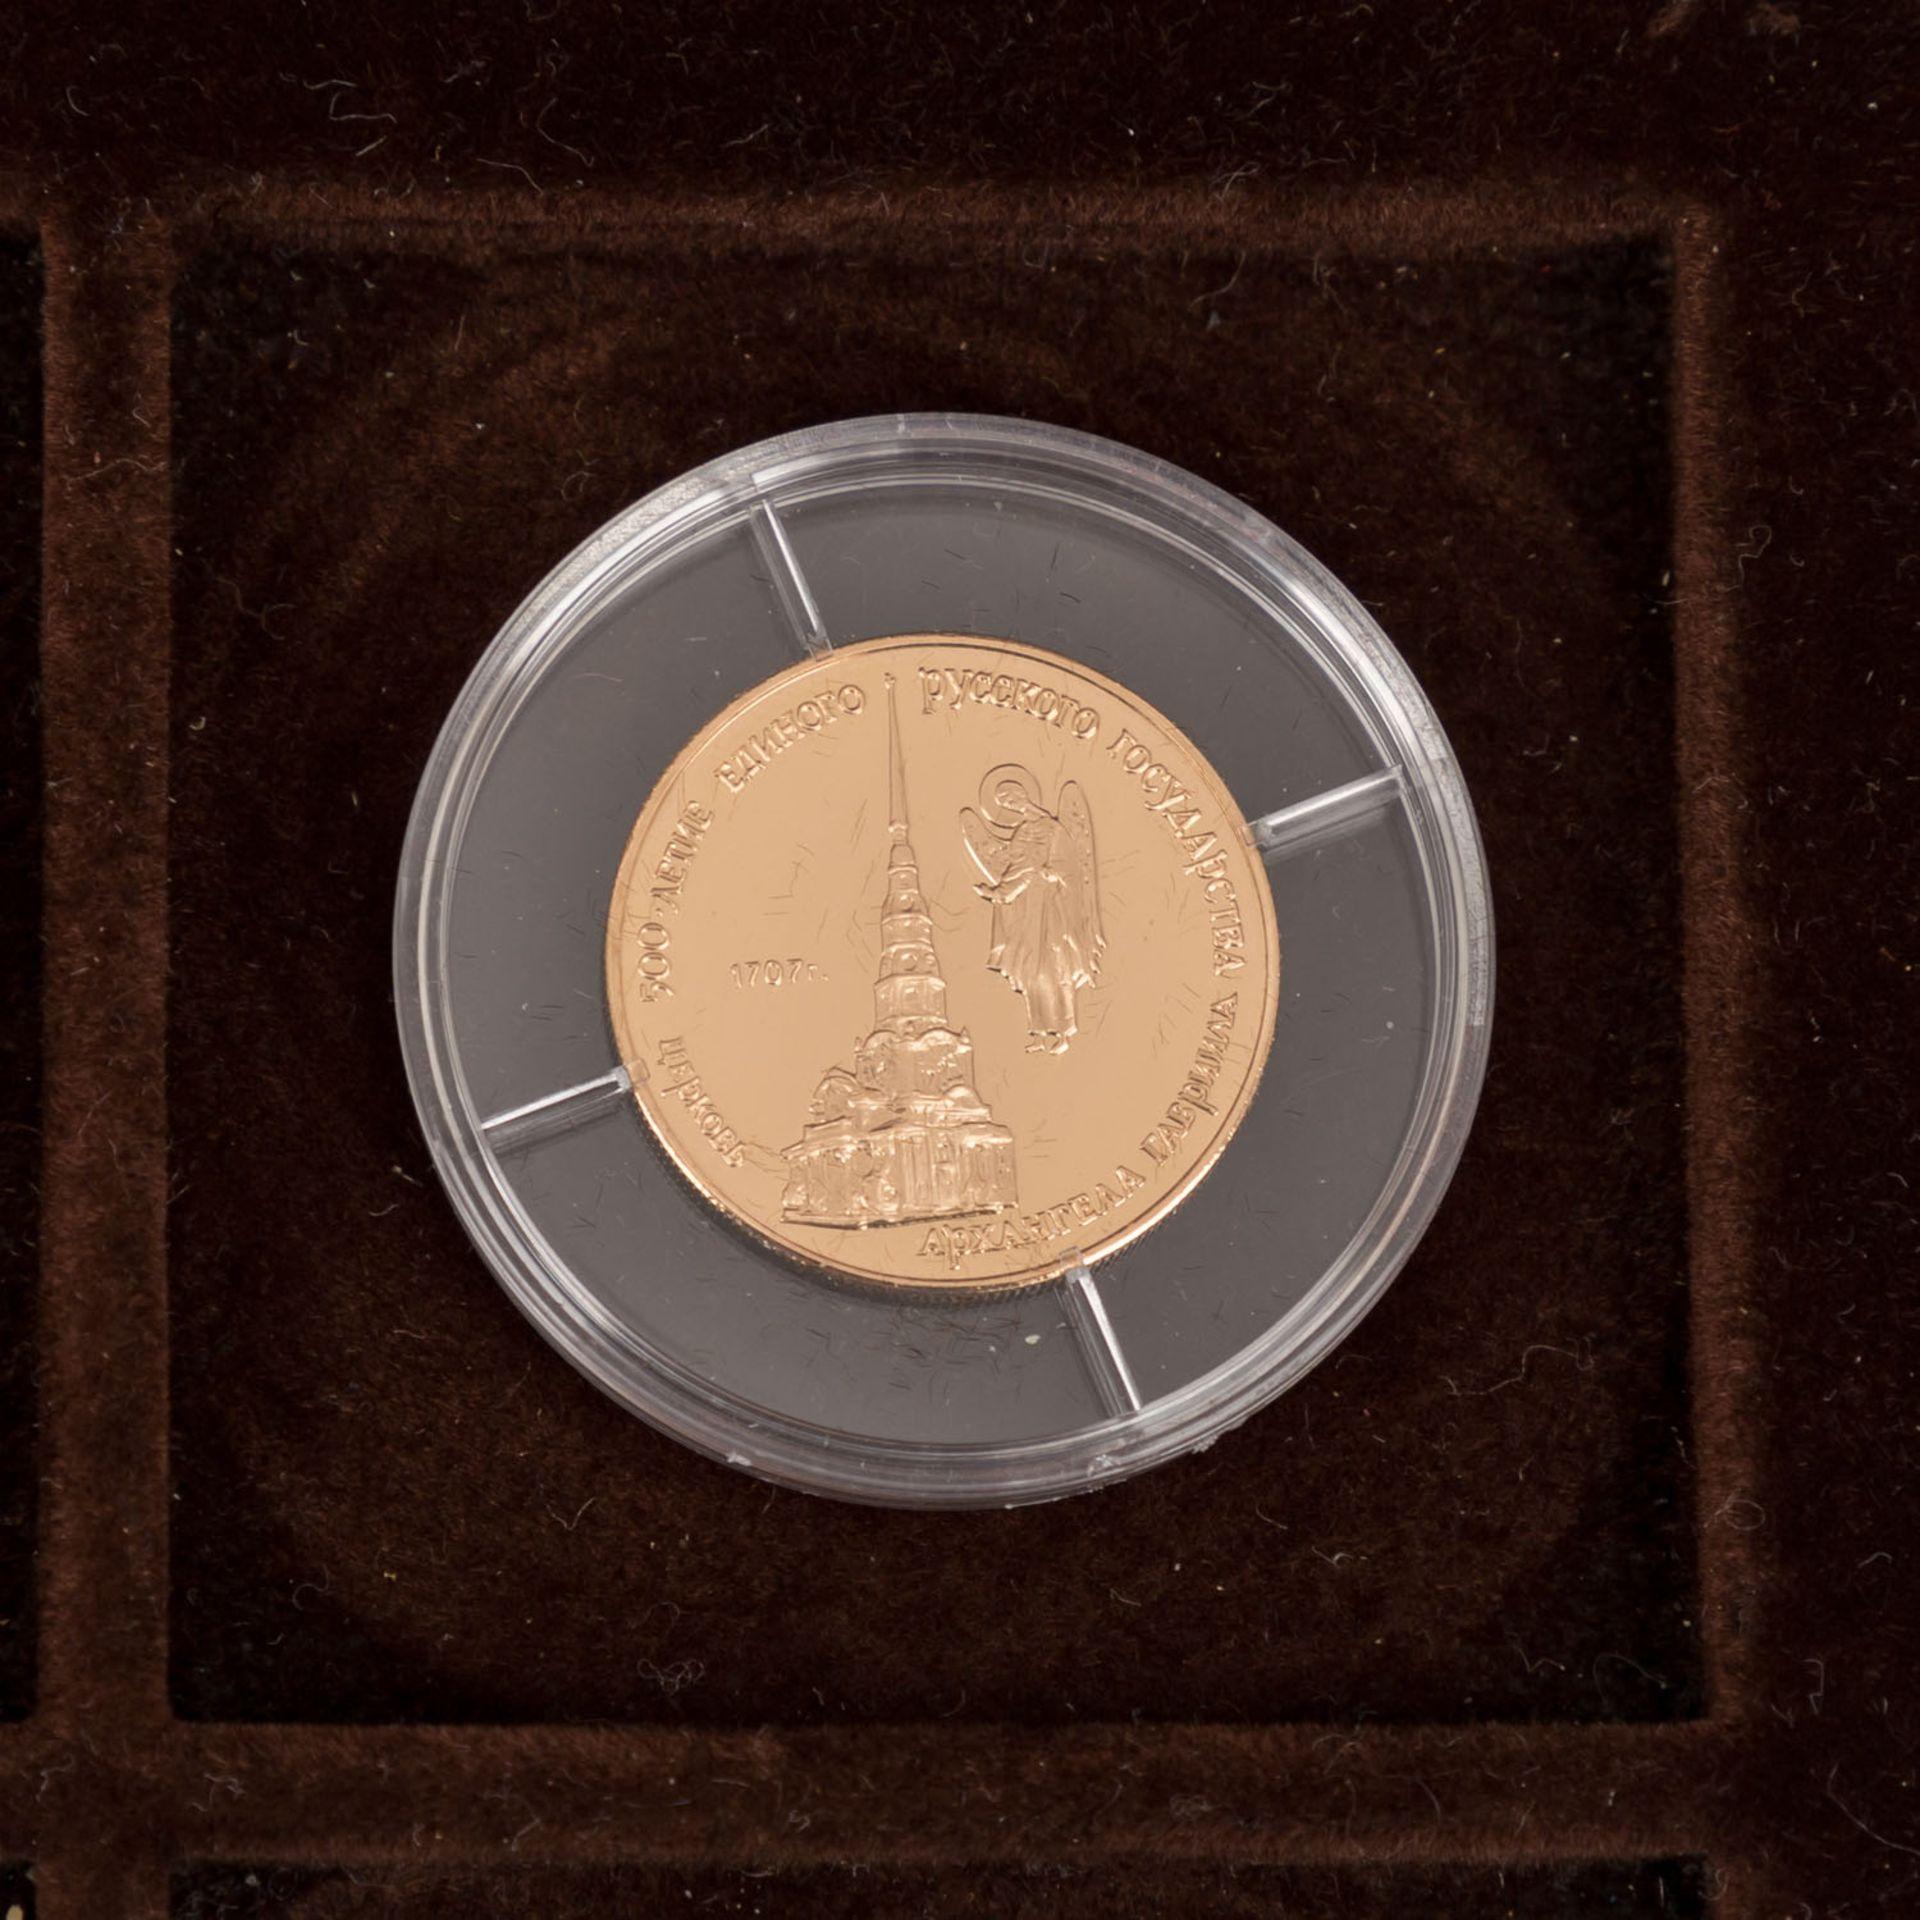 GOLDSCHATZ ca. 83 g fein, Holzkiste bestehend aus - Bild 5 aus 9